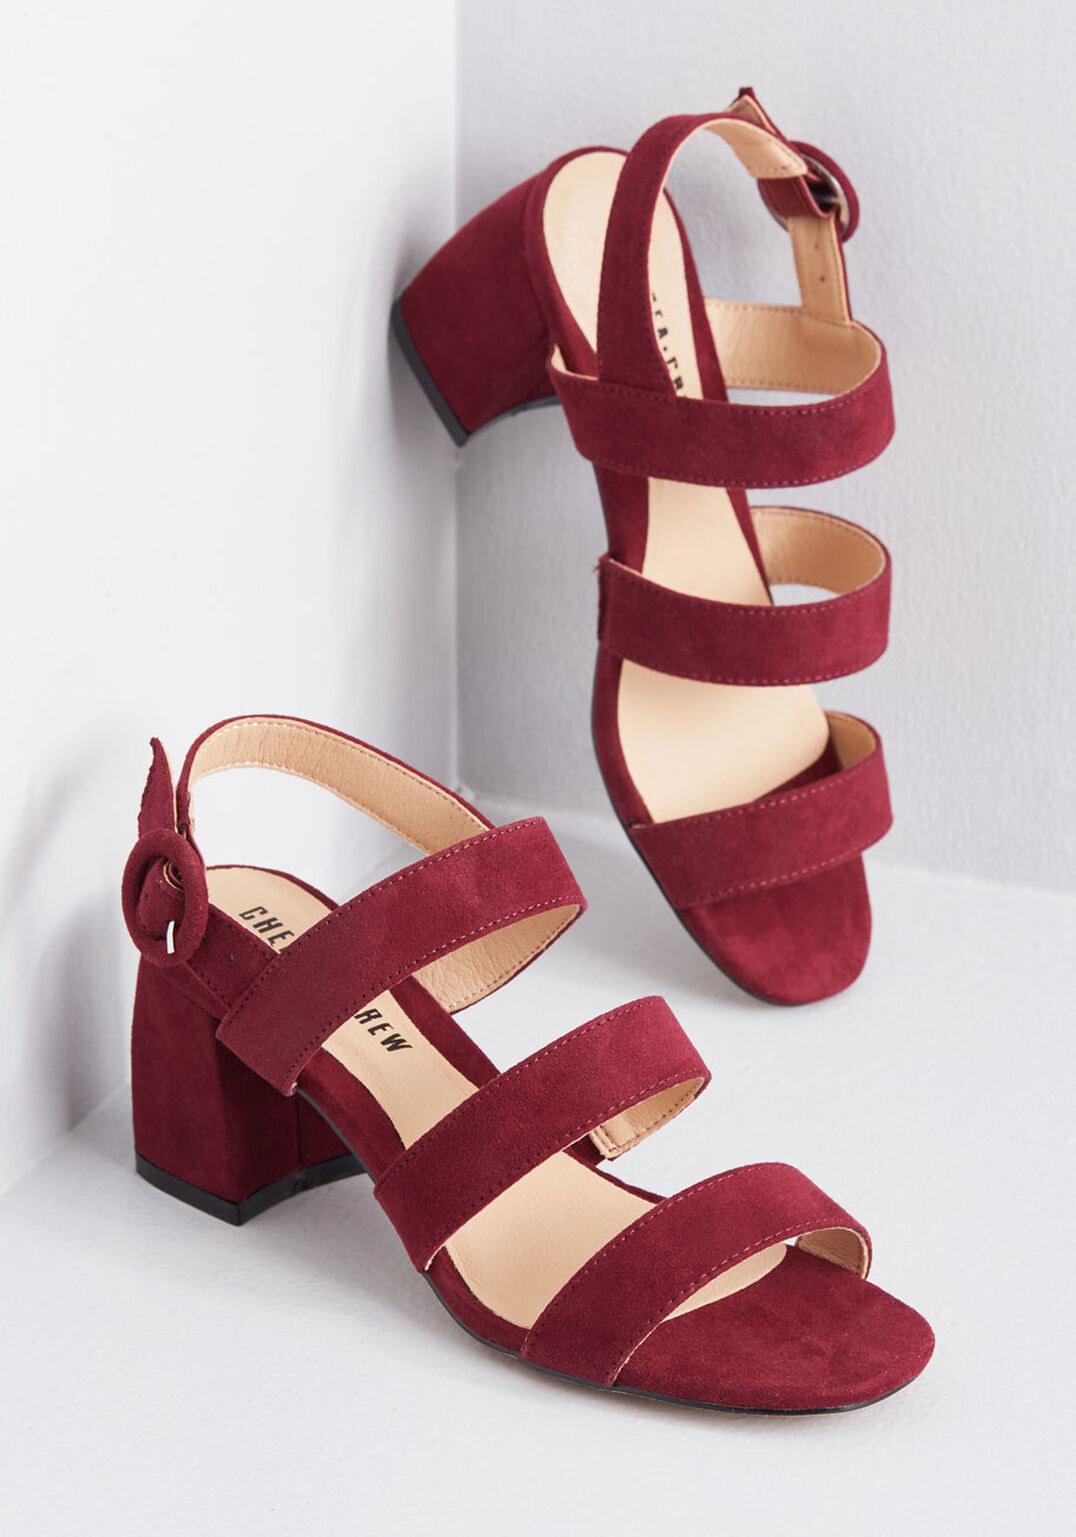 Burgundy suede strappy sandals